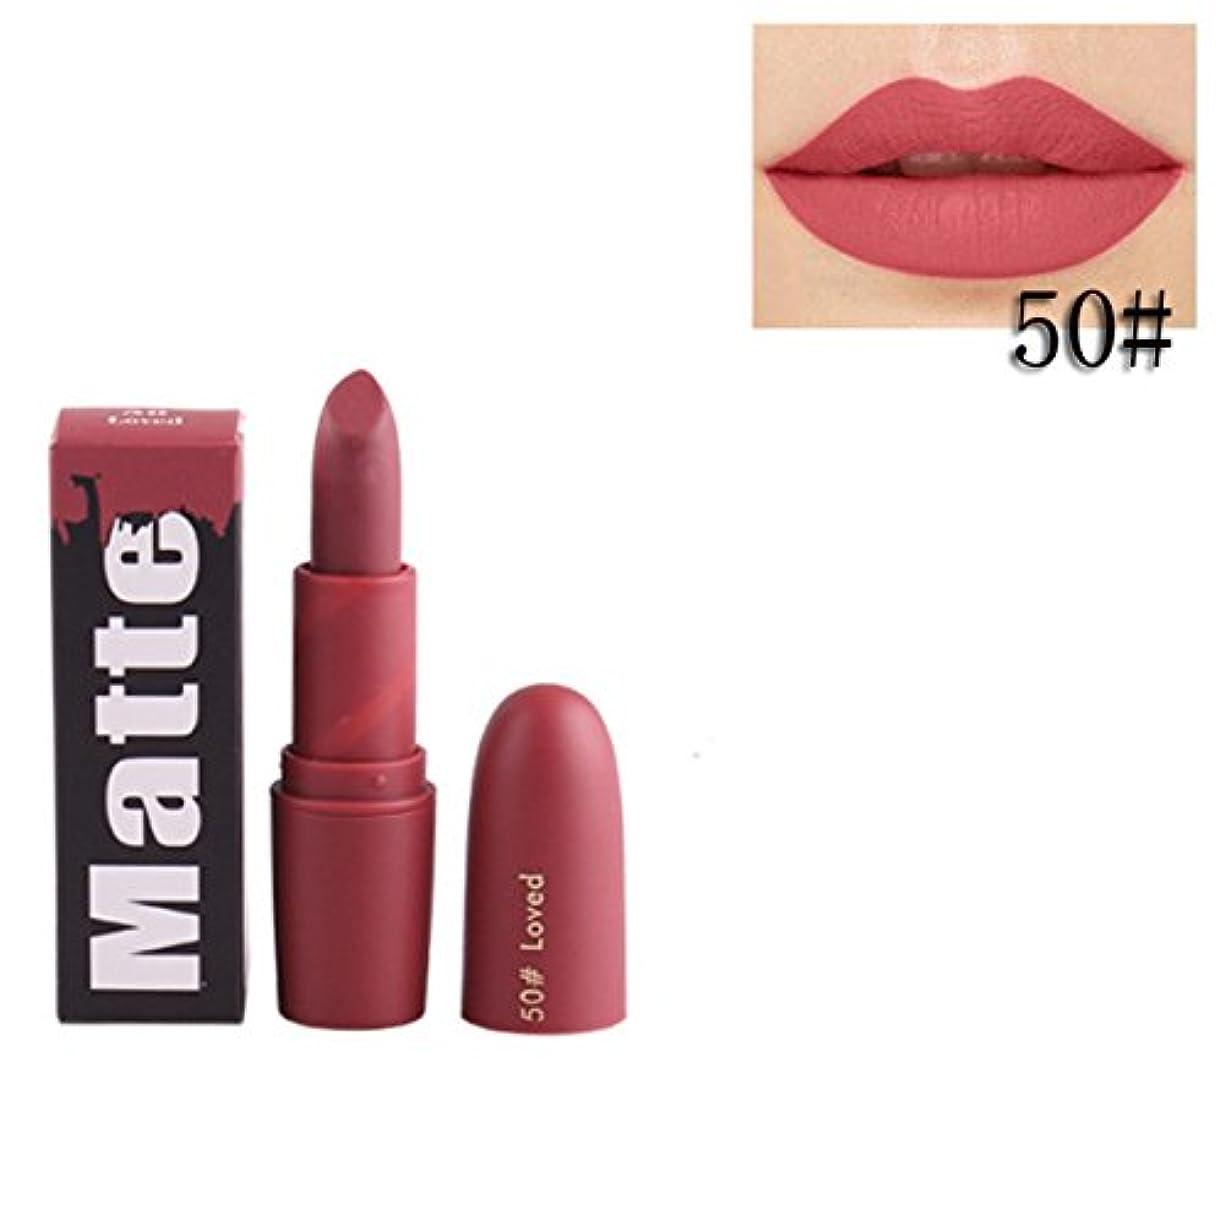 オートリベラル構成員女性口紅 BOBOGOJP 欧米風 ミストマット リップグロス 18色選択 保湿 持続性 魅力的 リップリップスティック モイスチャライジング リップスティックメイク 恋する唇 おすすめリップスティック (N)